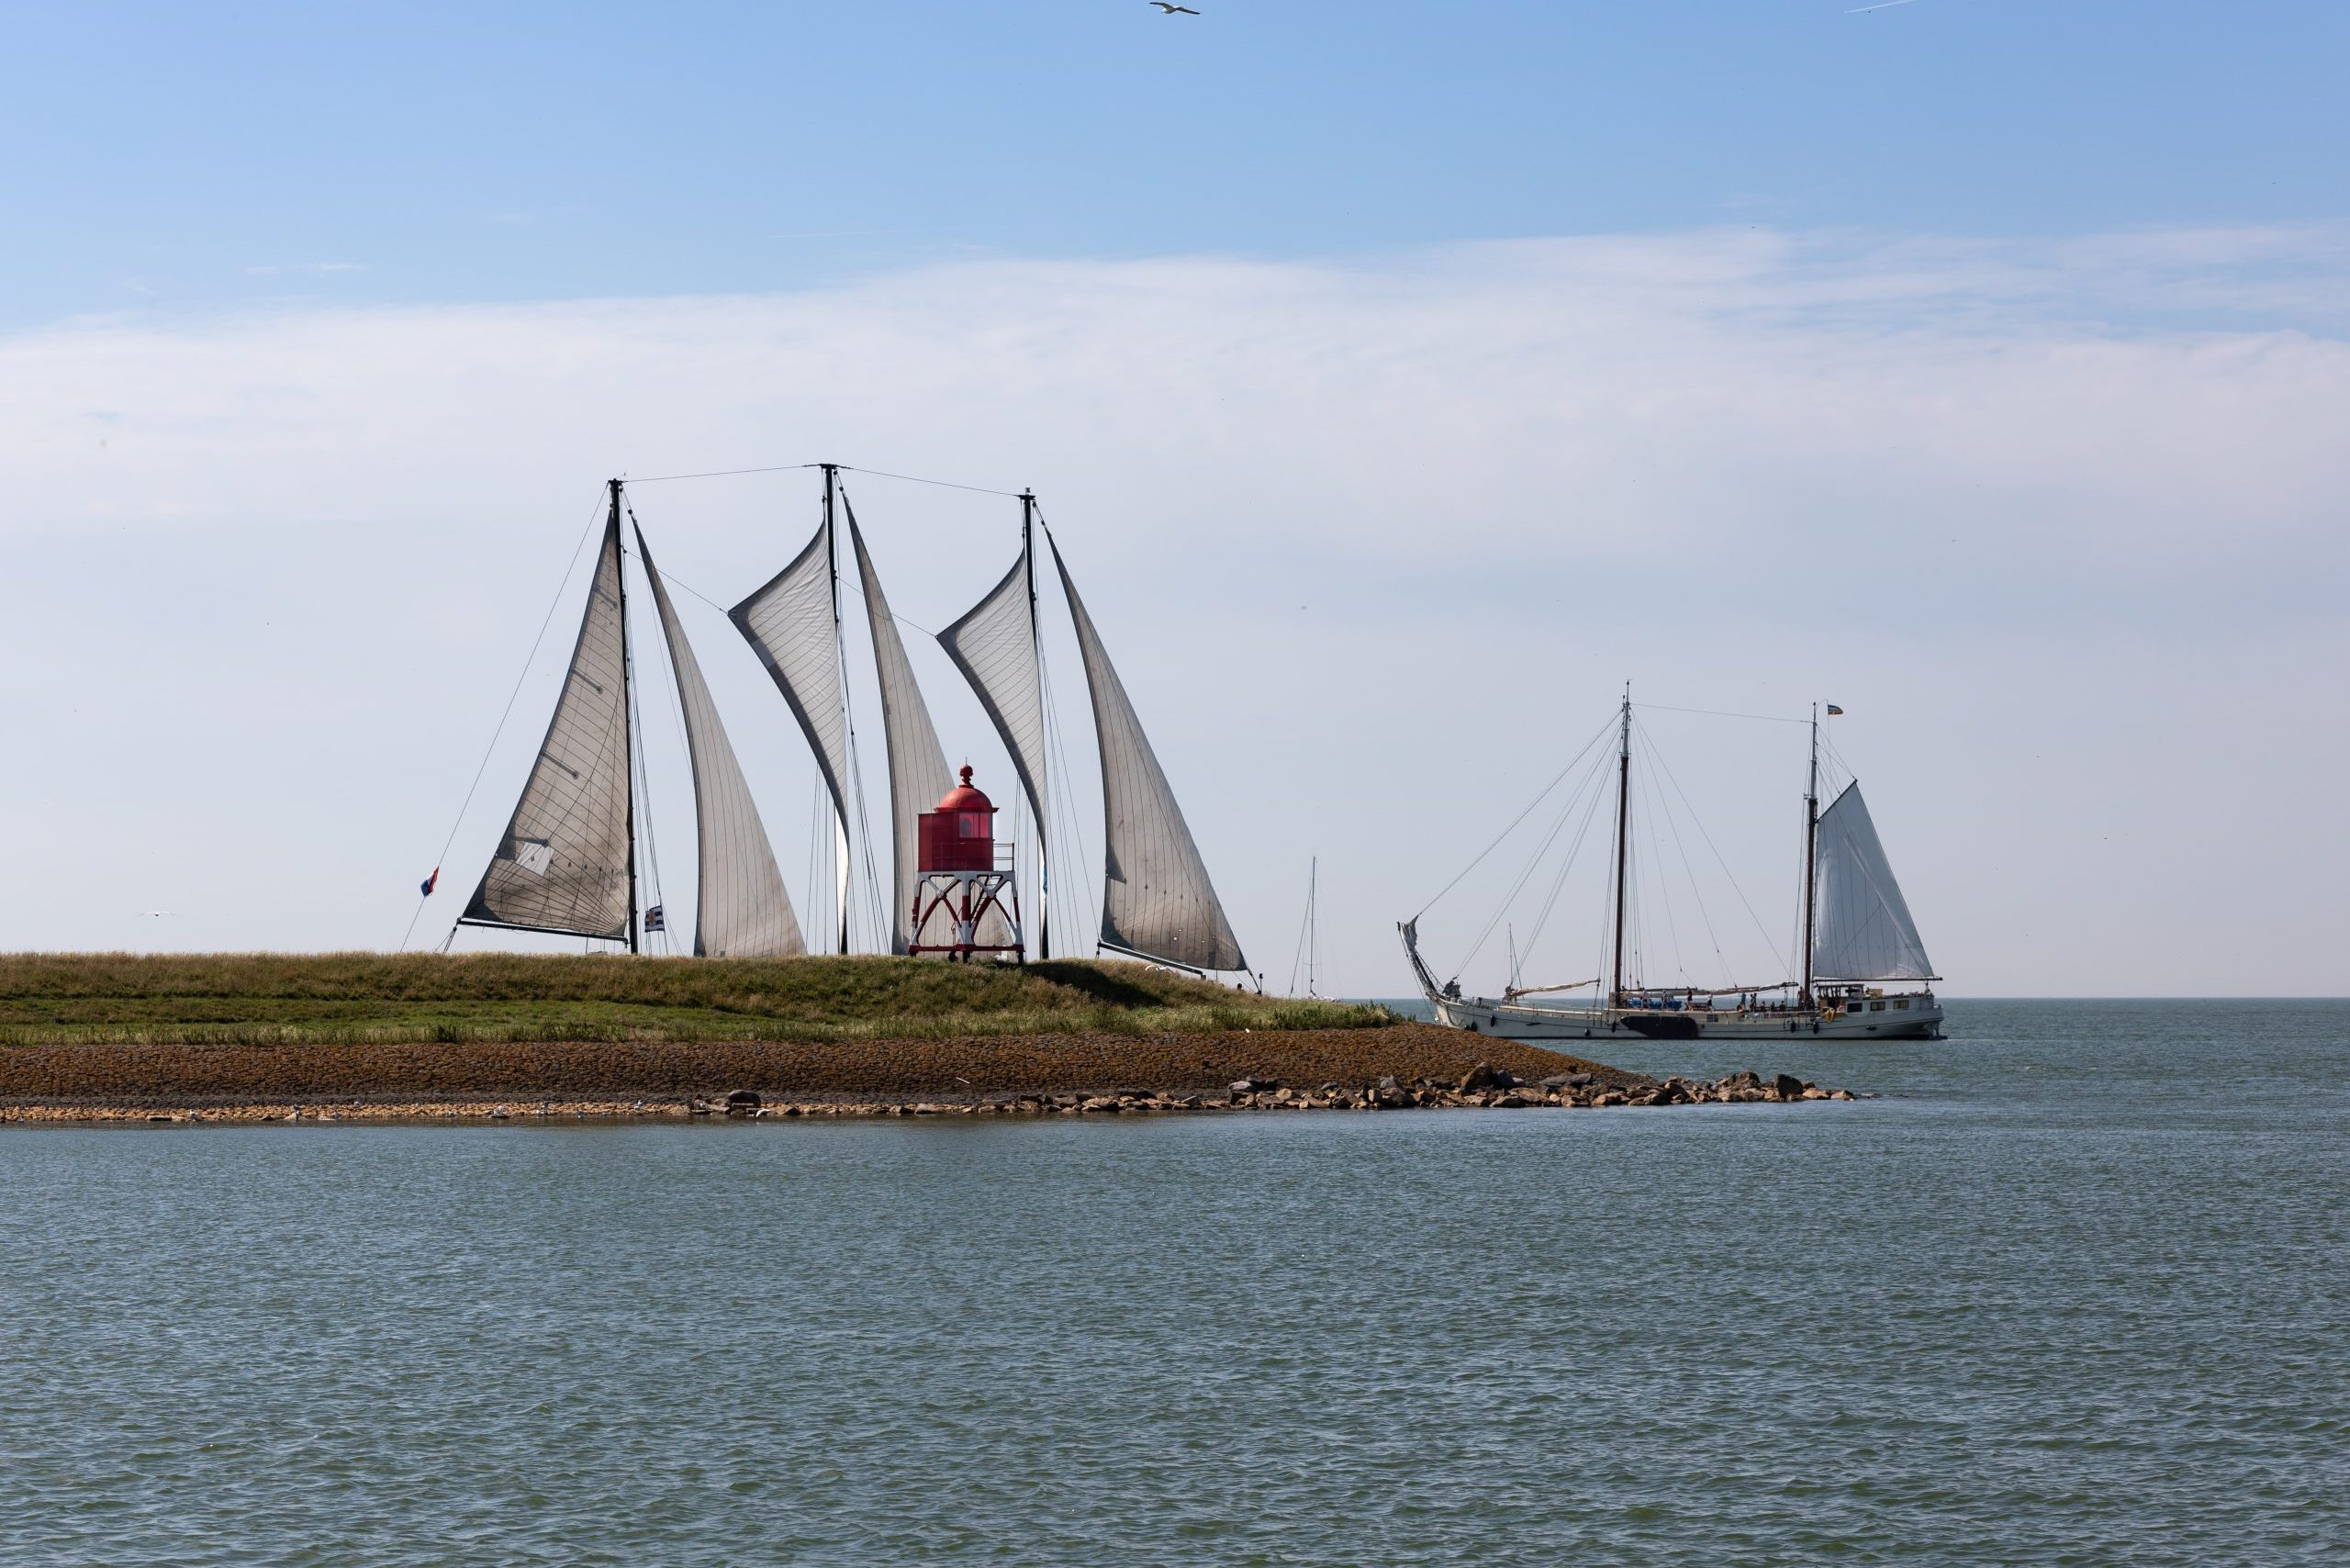 De Grietje kort voor het binnenvaren van de haven van Stavoren